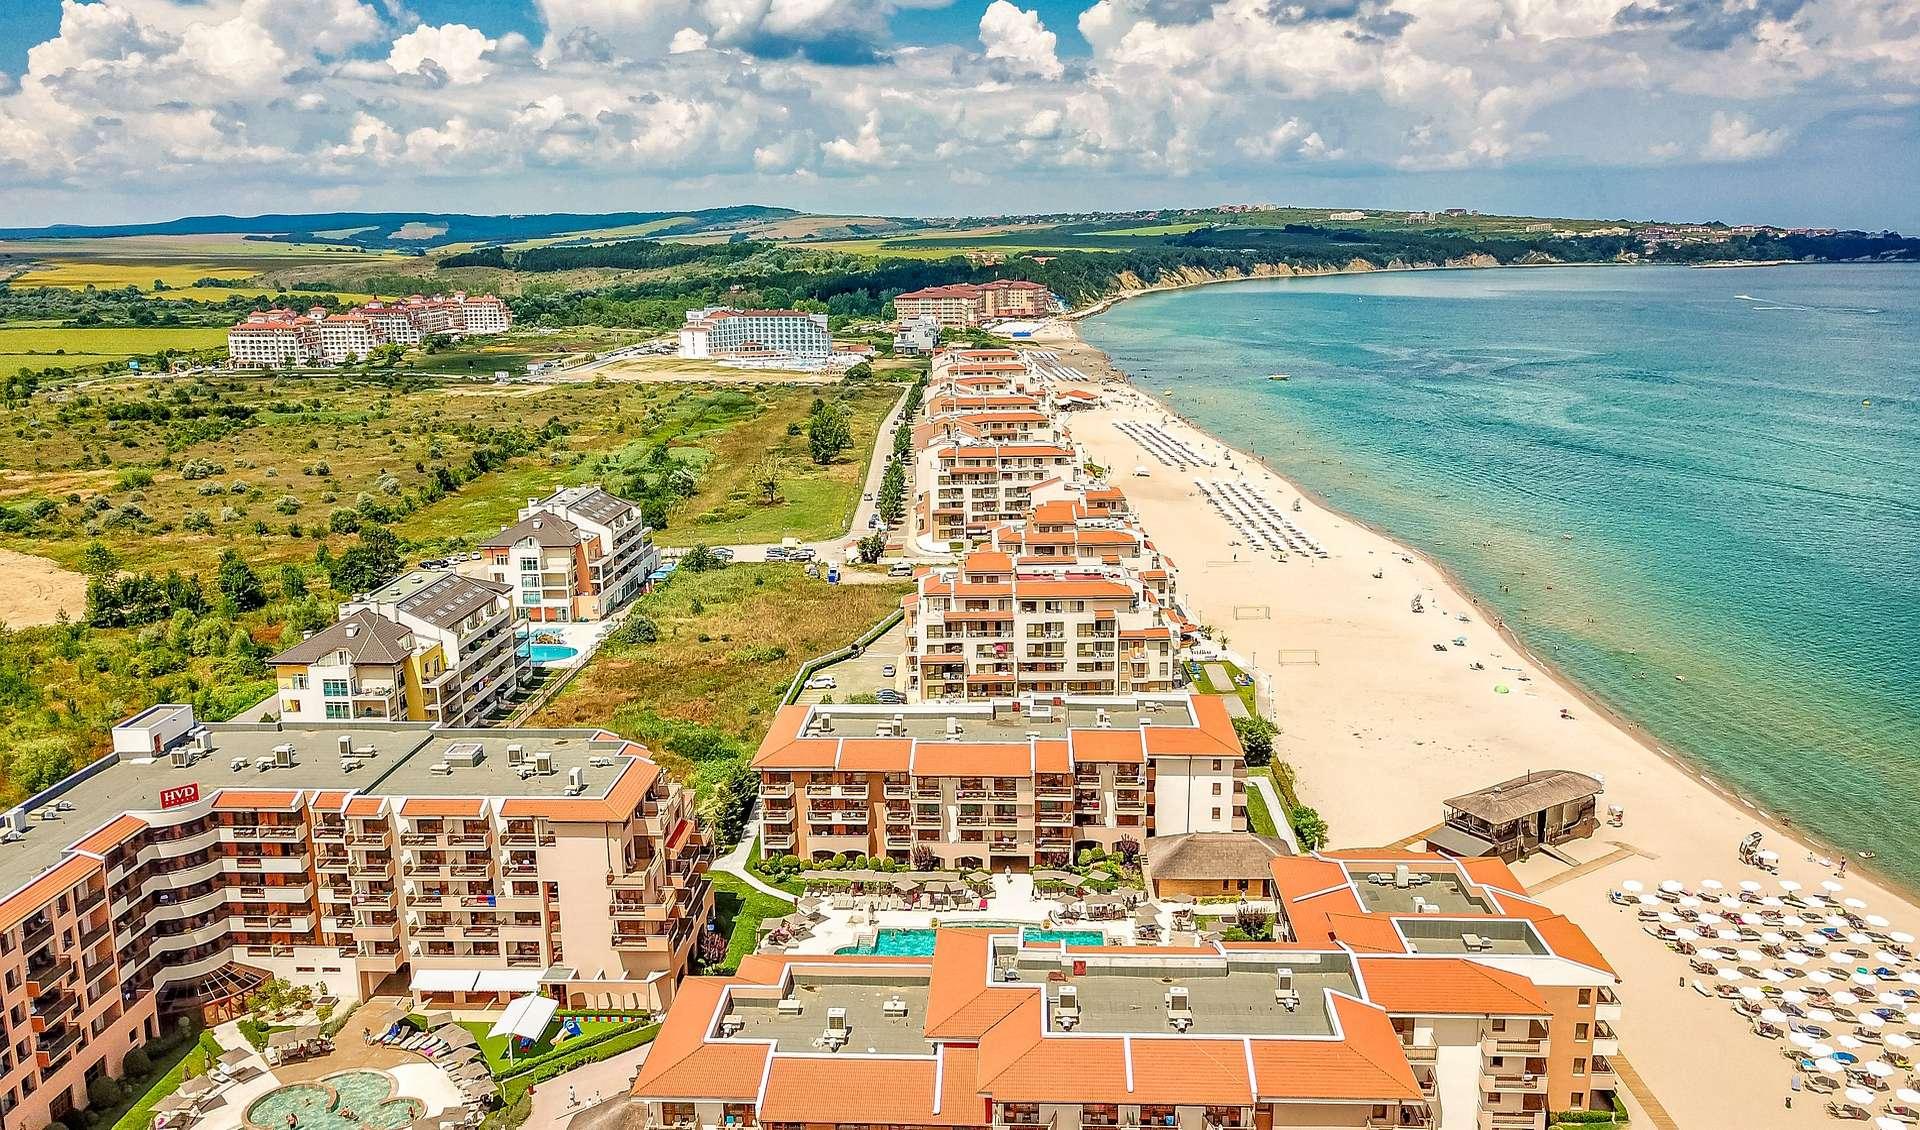 Где в болгарии самое теплое море средняя стоимость жилья в америке